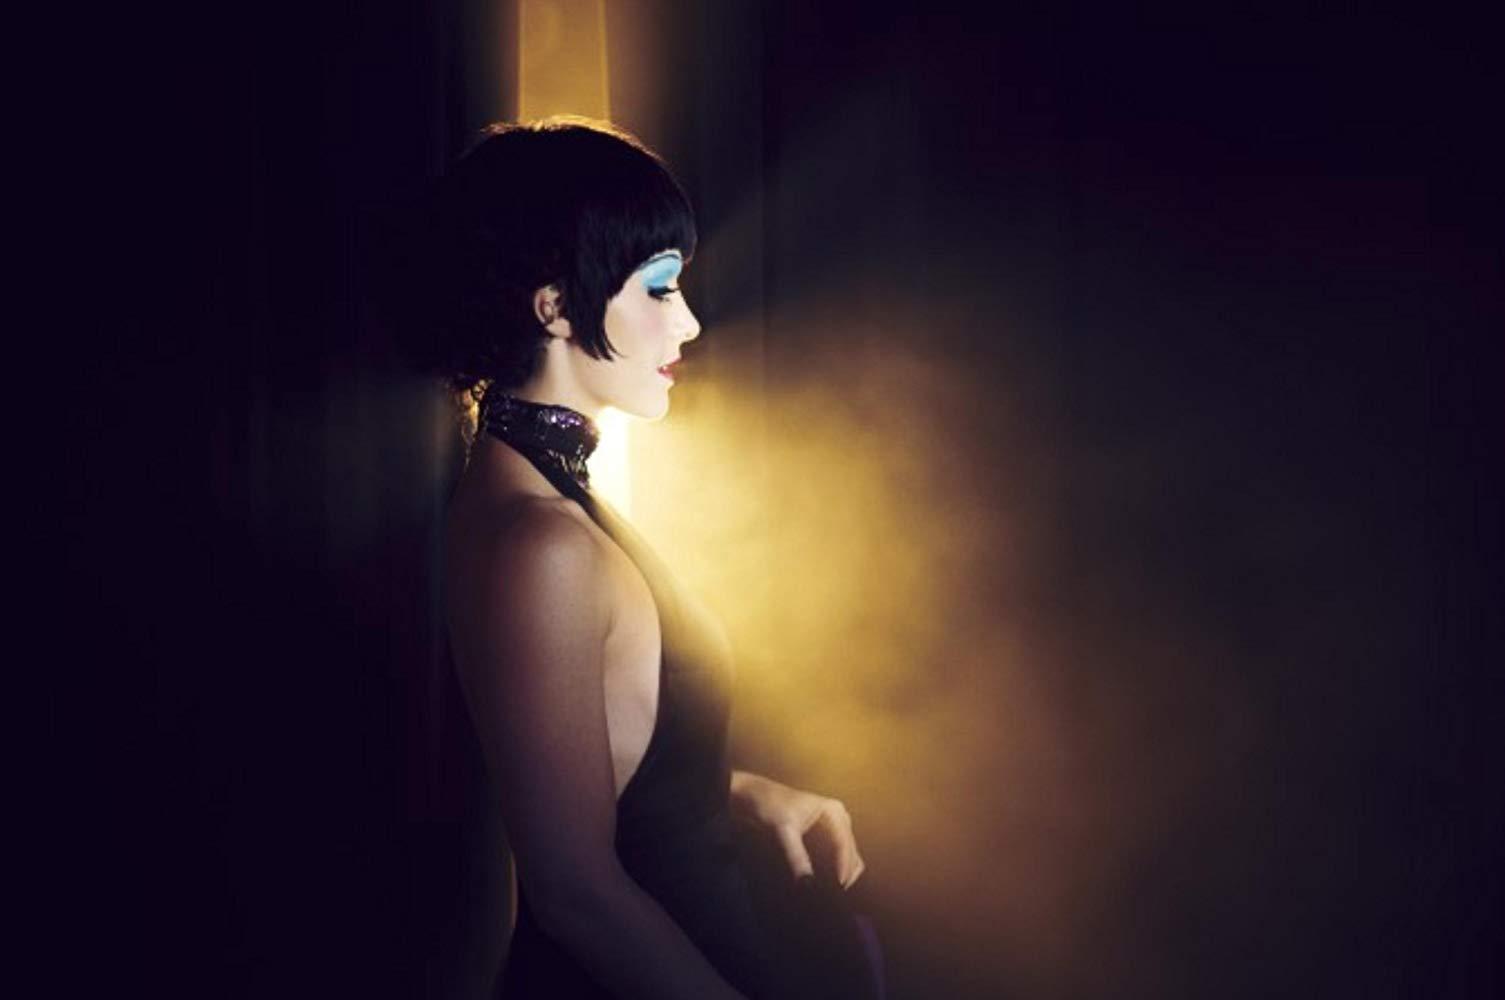 Fosse/Verdon: Kelli Barrett è Liza Minnelli nella serie